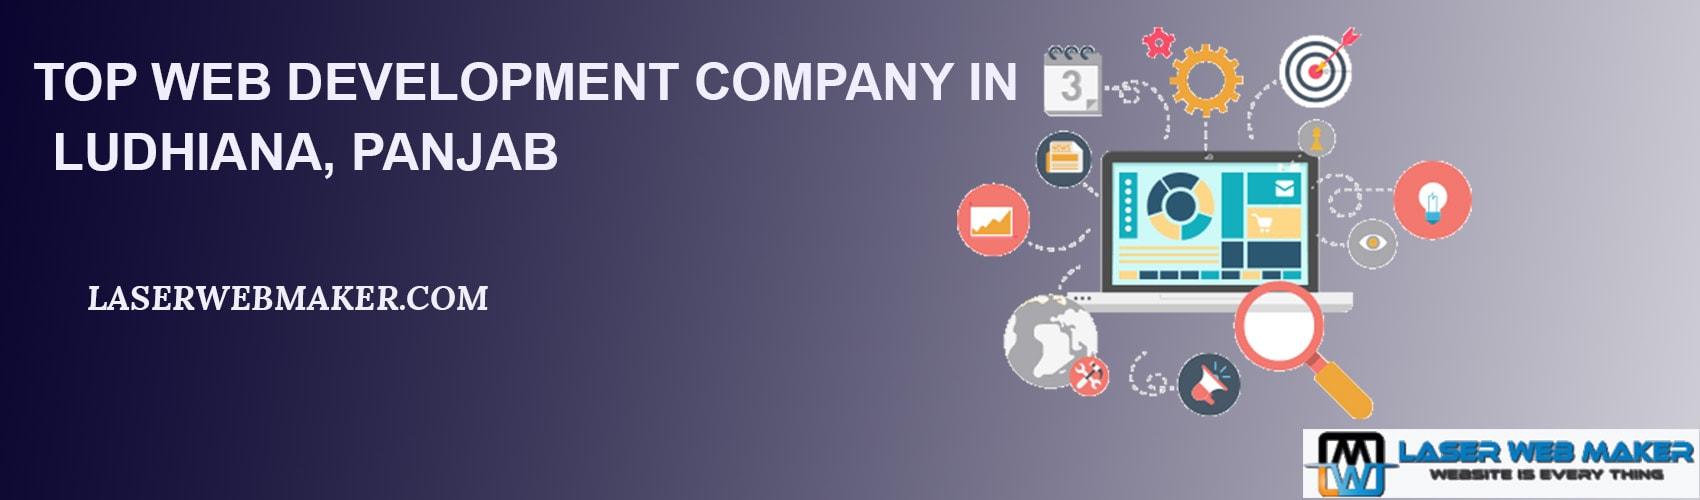 Top web development company in Ludhiana